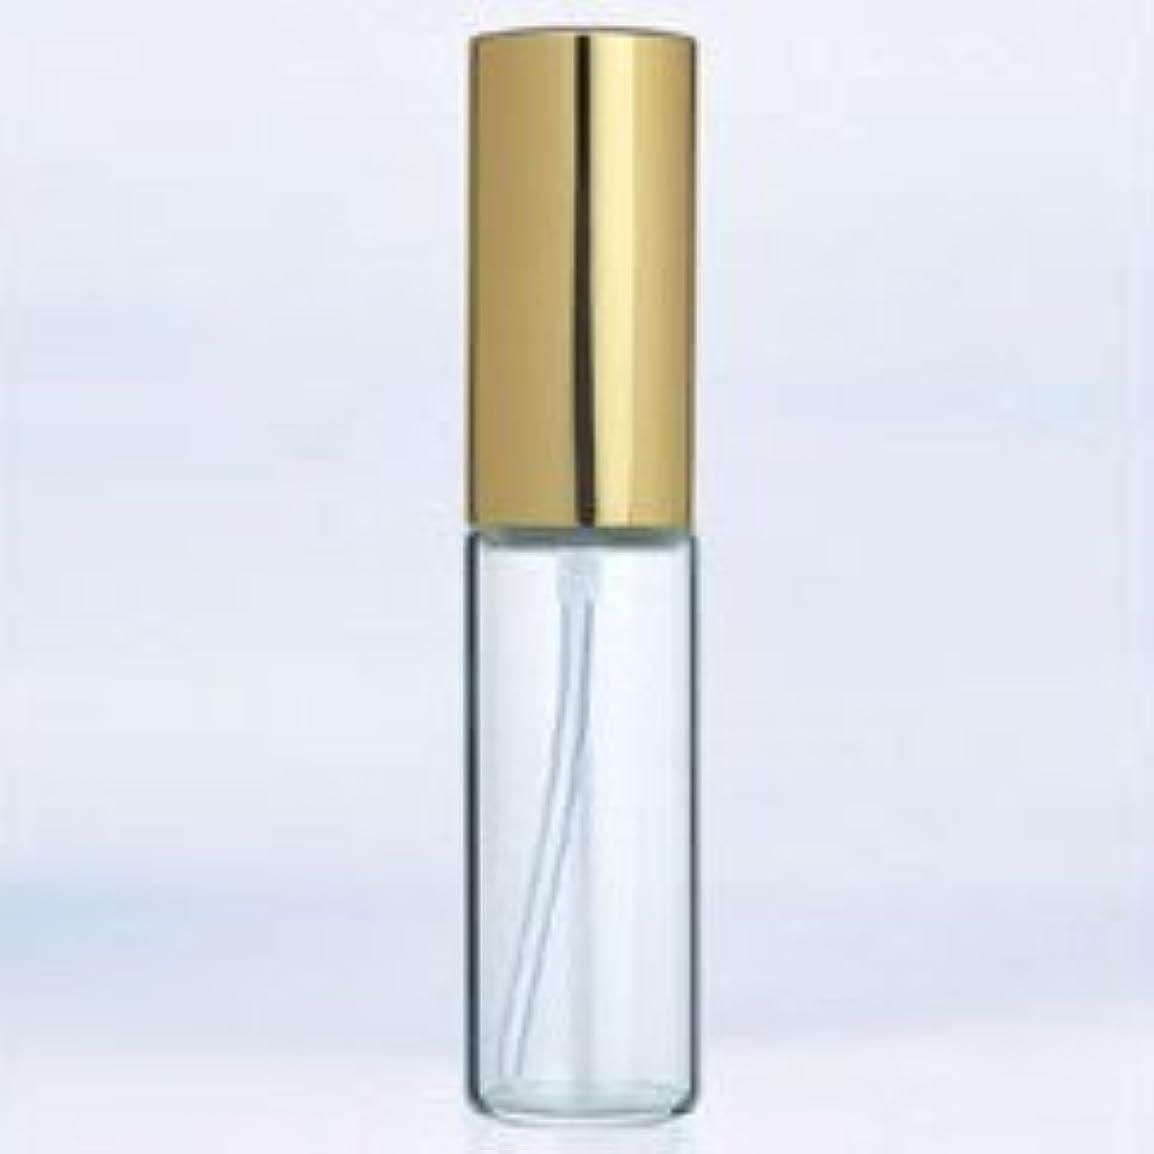 閲覧するマイクより【ヤマダアトマイザー】グラスアトマイザー プラスチックポンプ 無地 6201 アルミキャップ ゴールド 10ml